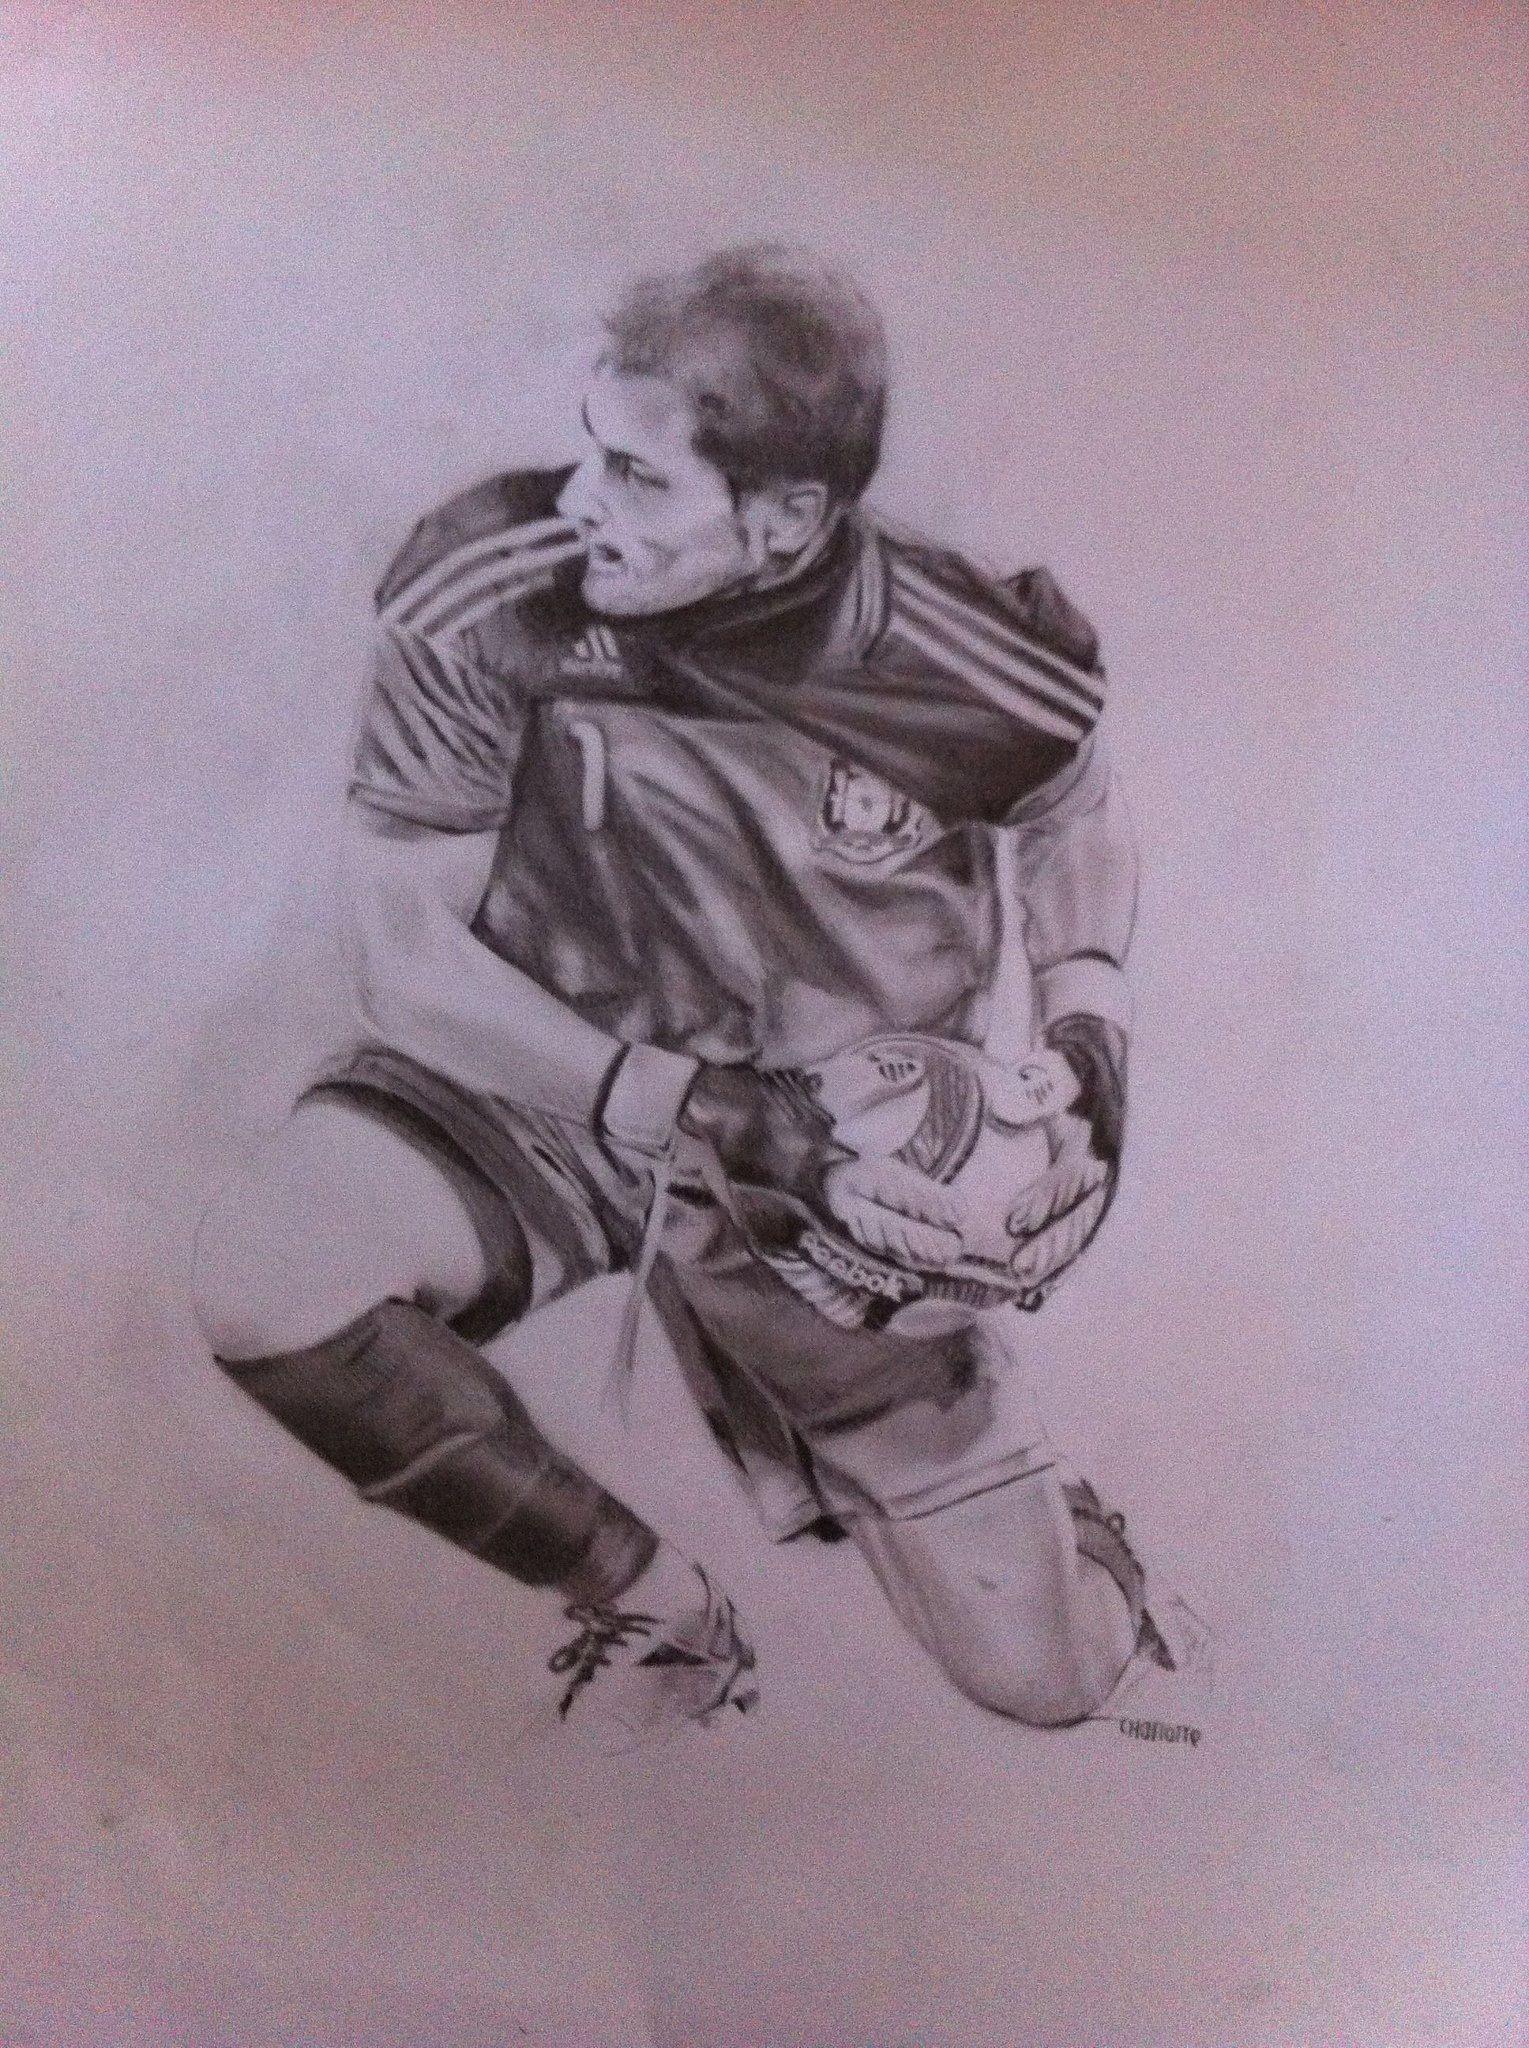 Iker Casillas Arqueros Iker Casillas Y Deportes